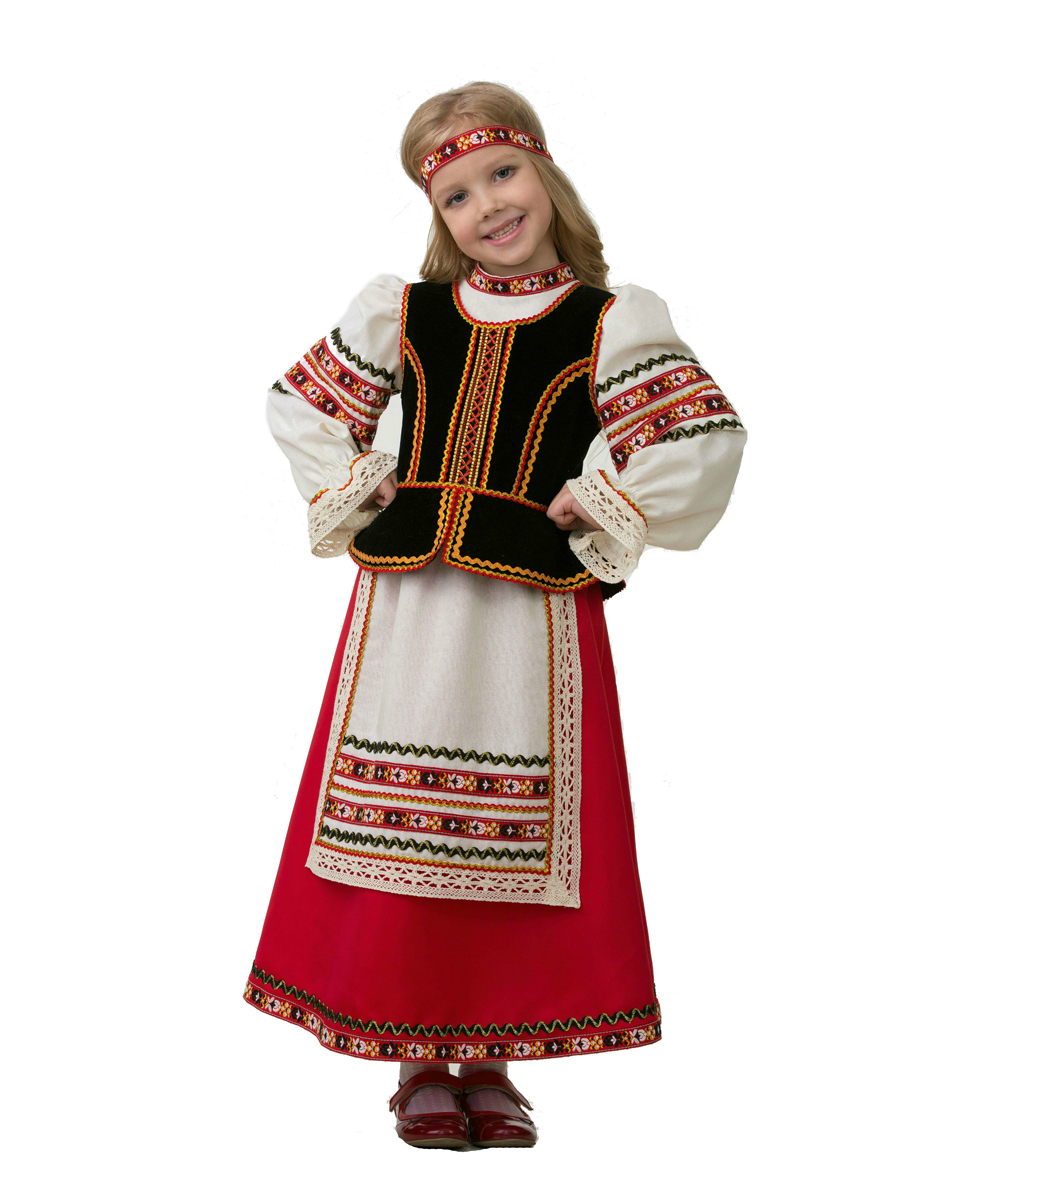 Батик Костюм карнавальный для девочки Славянский костюм размер 34 батик карнавальный костюм для девочки снежинка размер 30